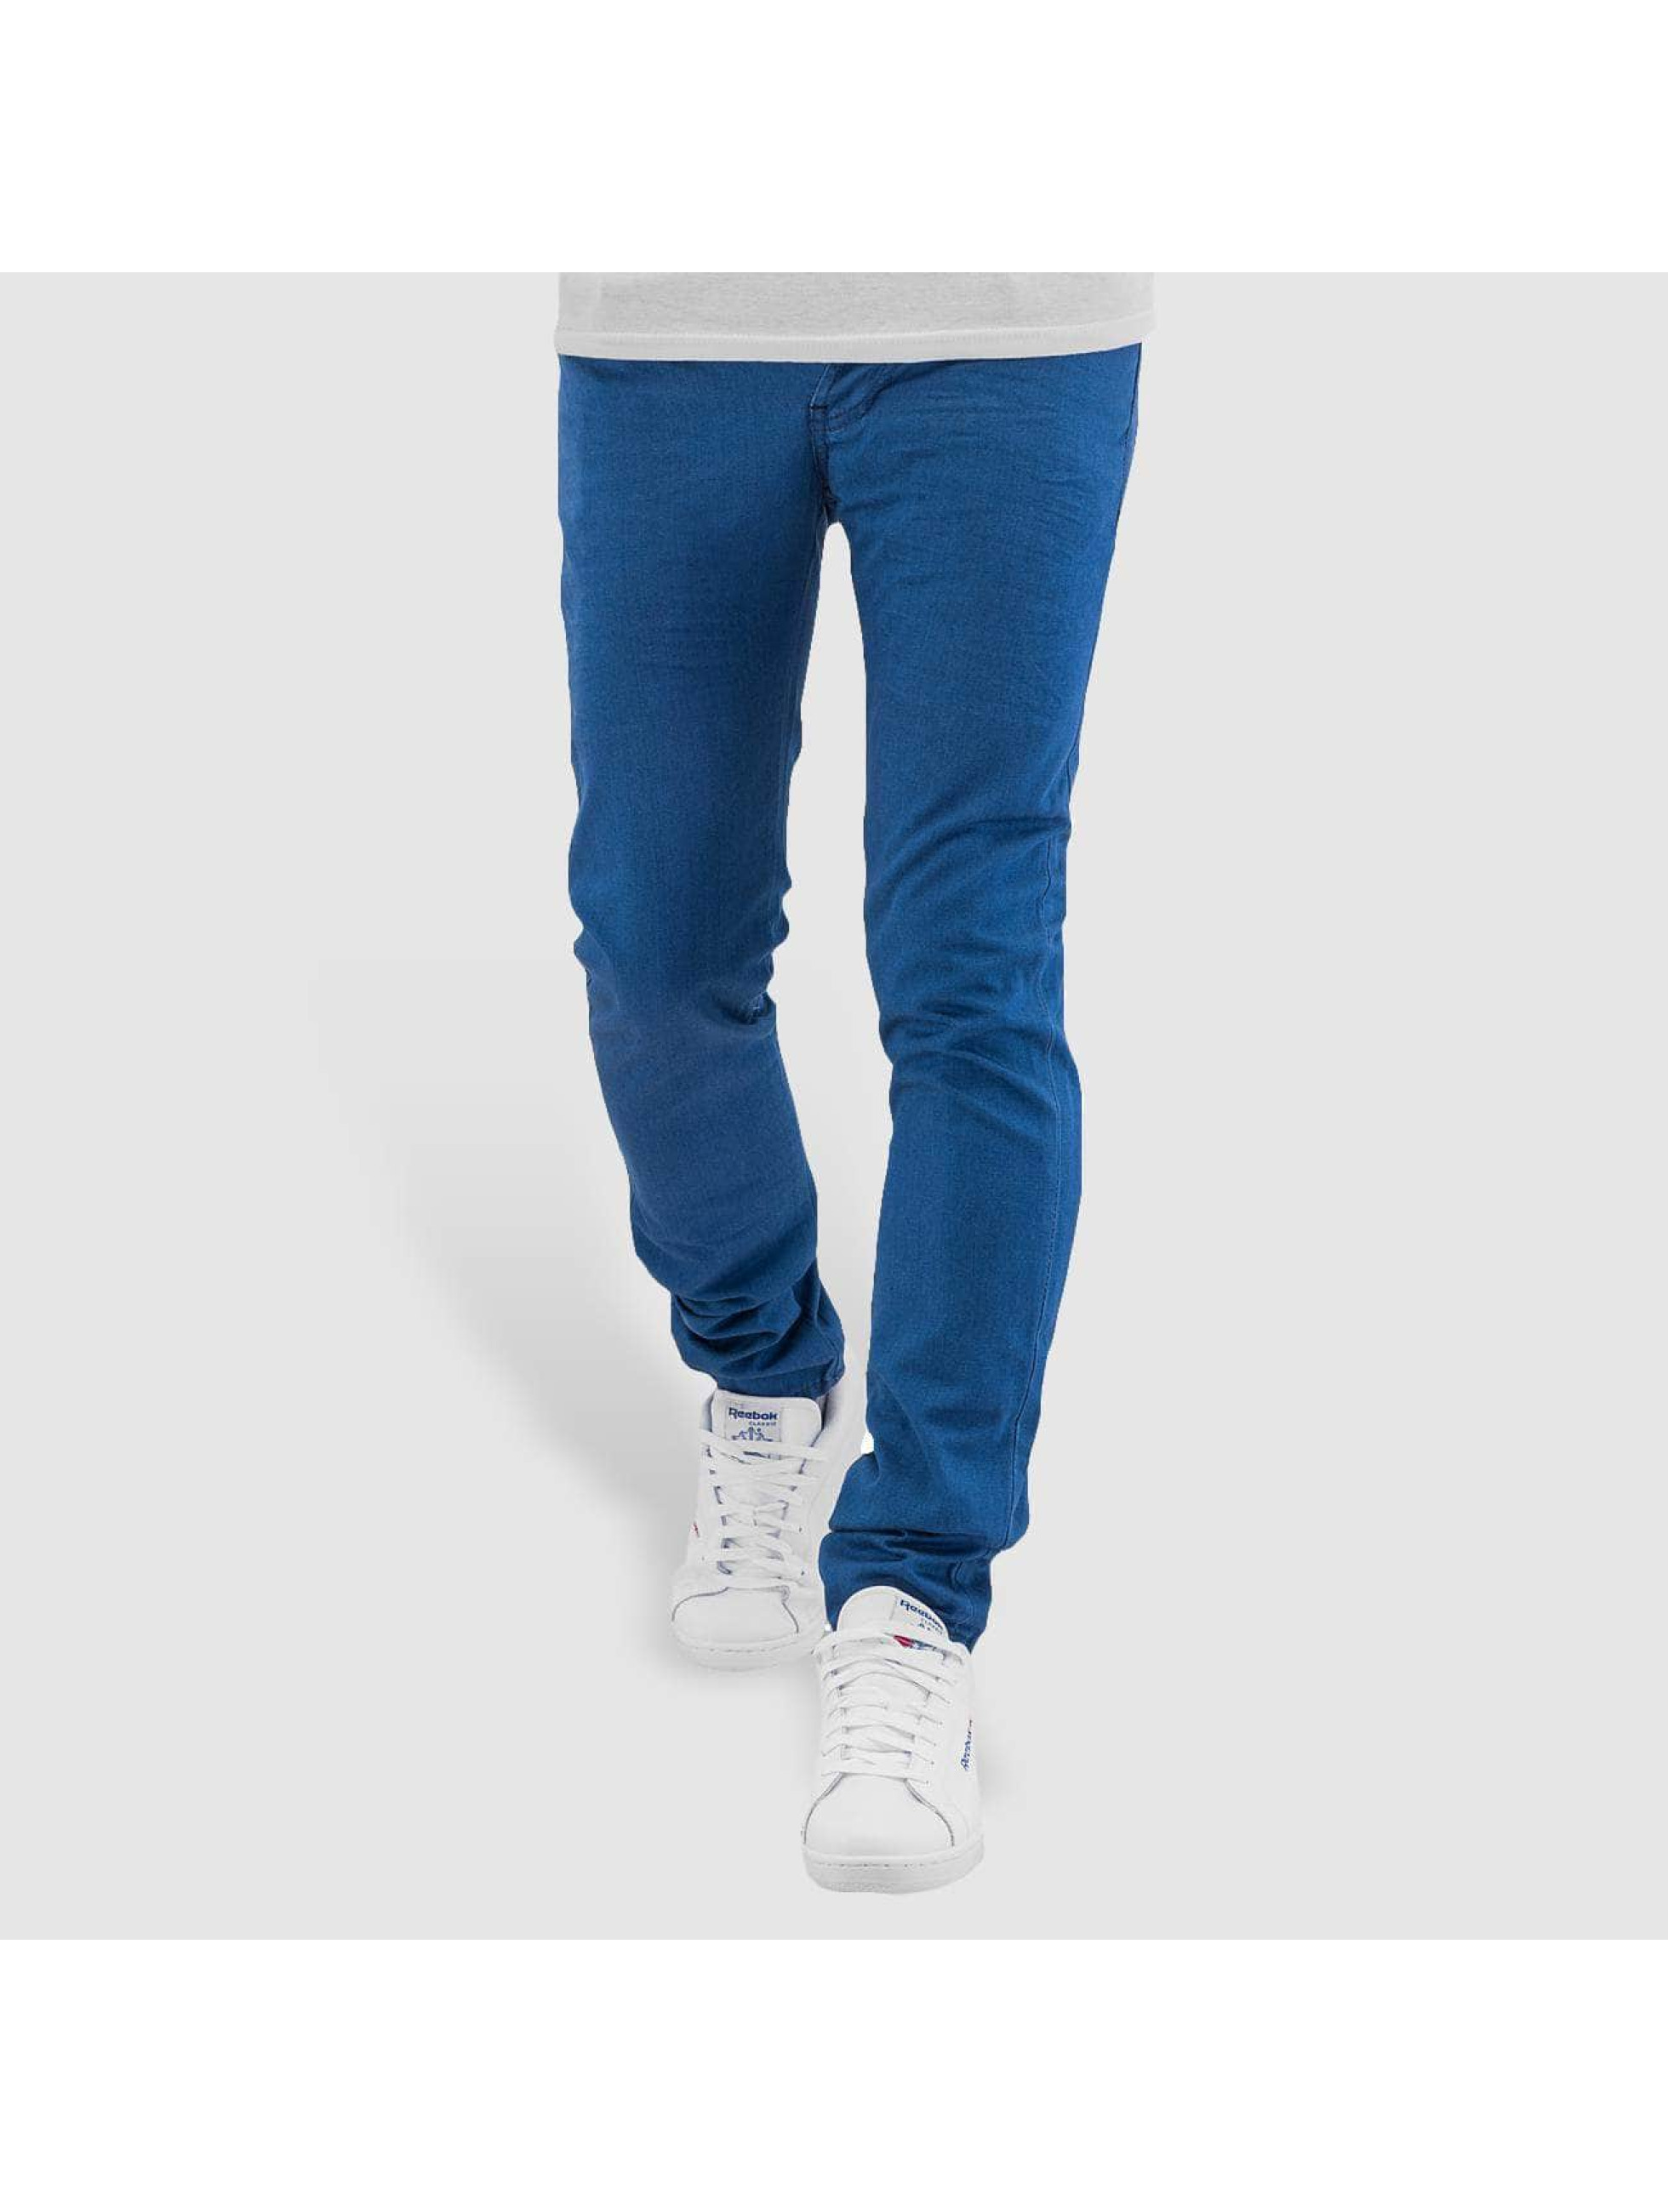 Cazzy Clang Kapeat farkut Dye sininen